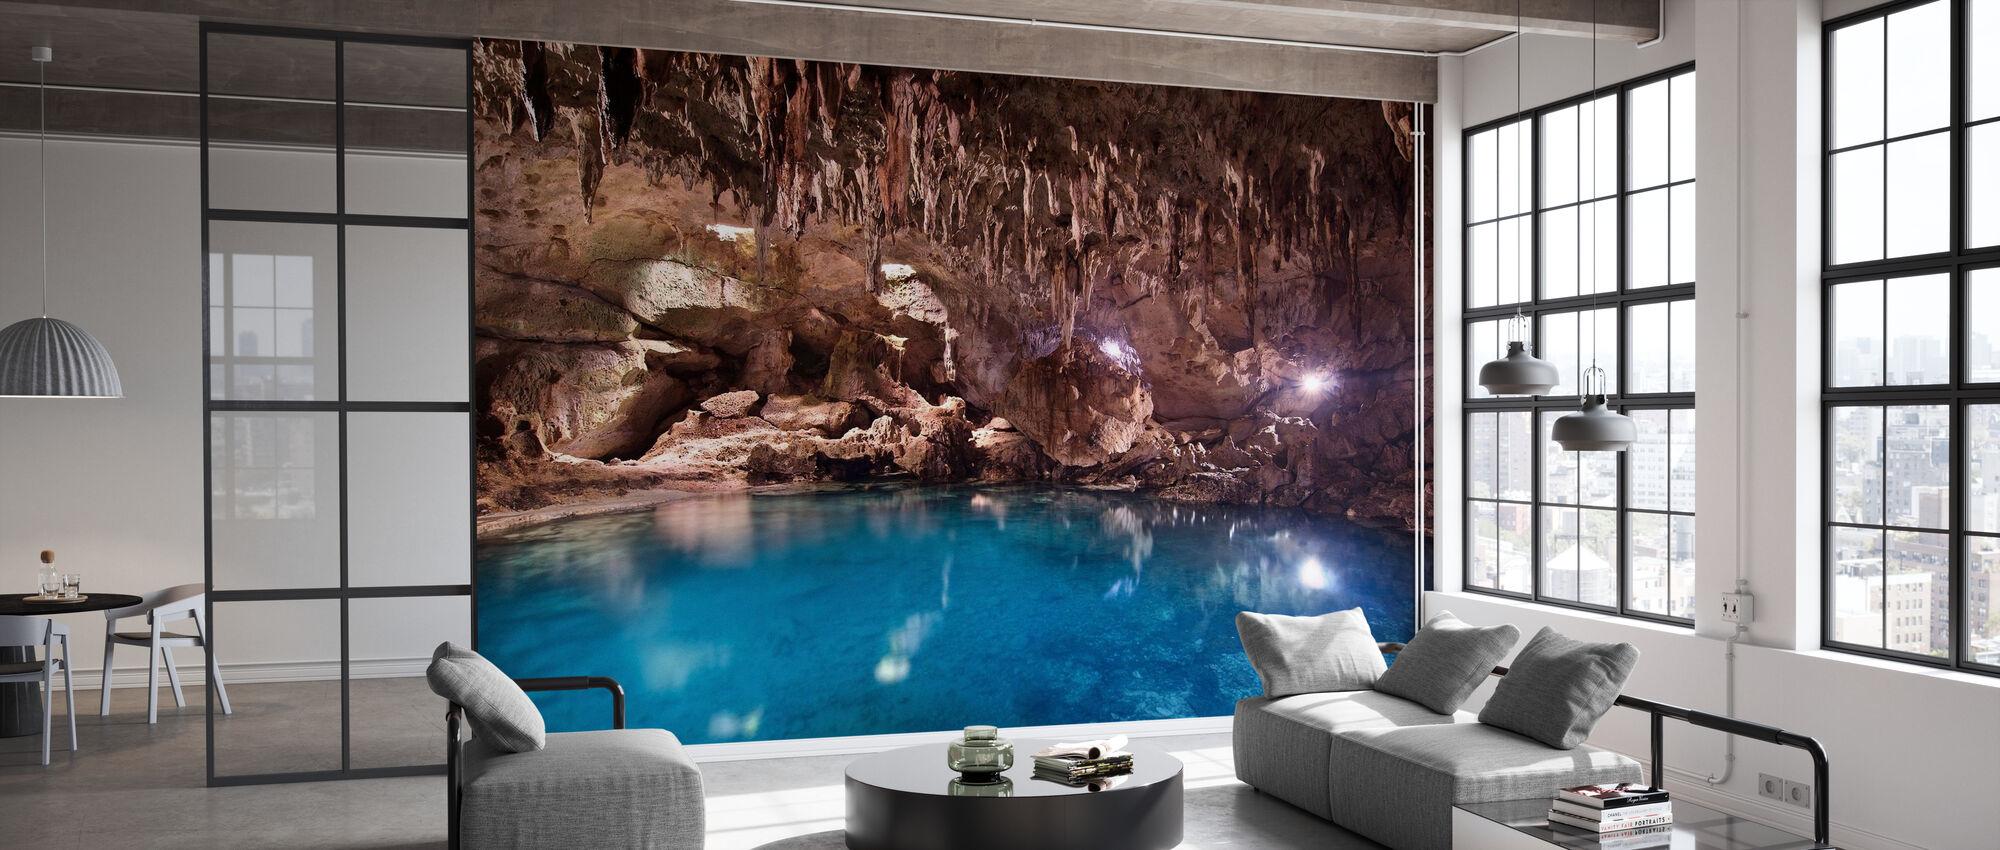 Hinagdanan Cave Pool - Wallpaper - Office